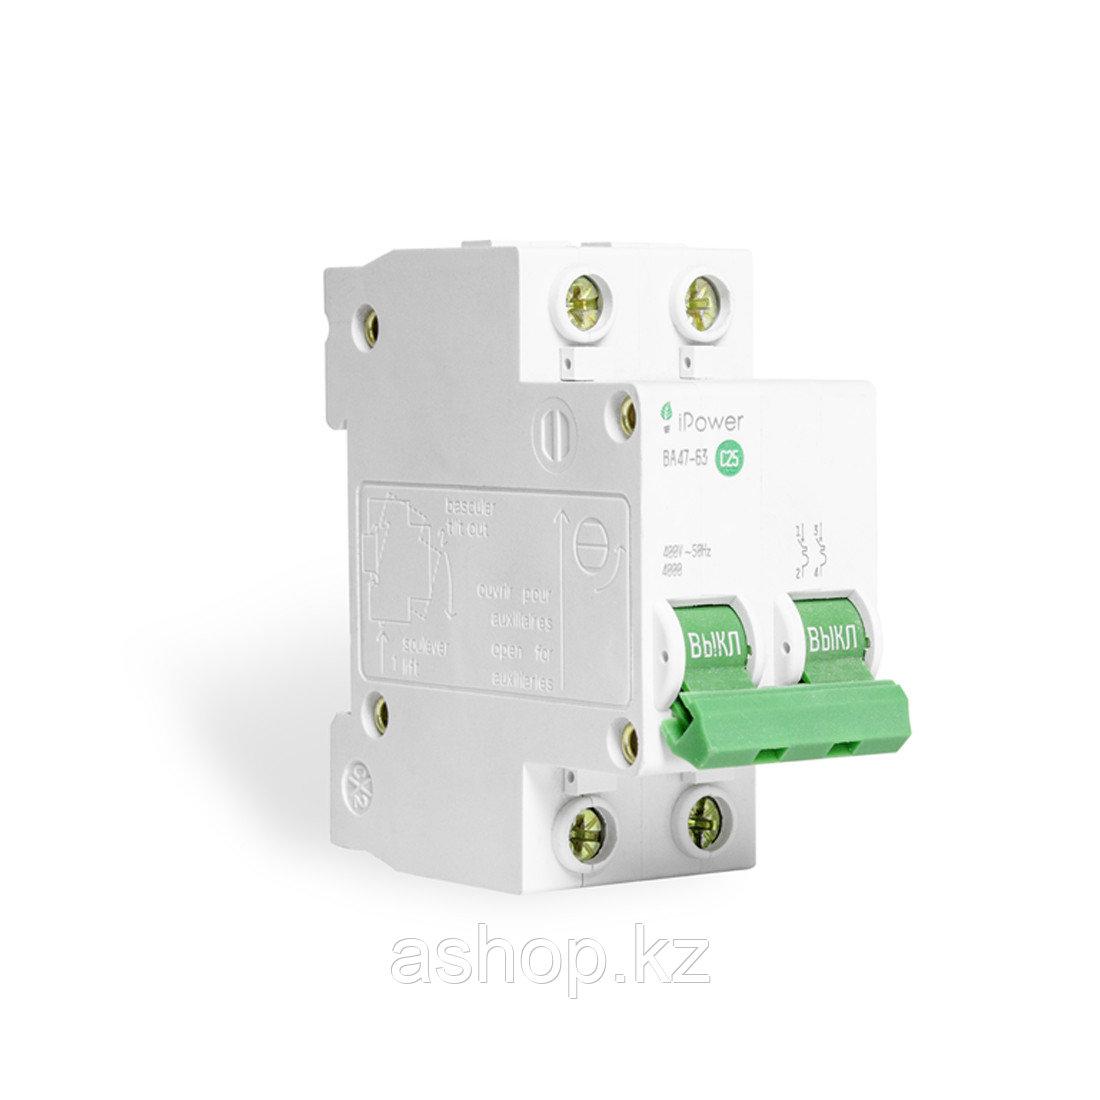 Автоматический выключатель реечный iPower ВА47-63 2P 63А, 230/400 В, Кол-во полюсов: 2, Предел отключения: 4,5